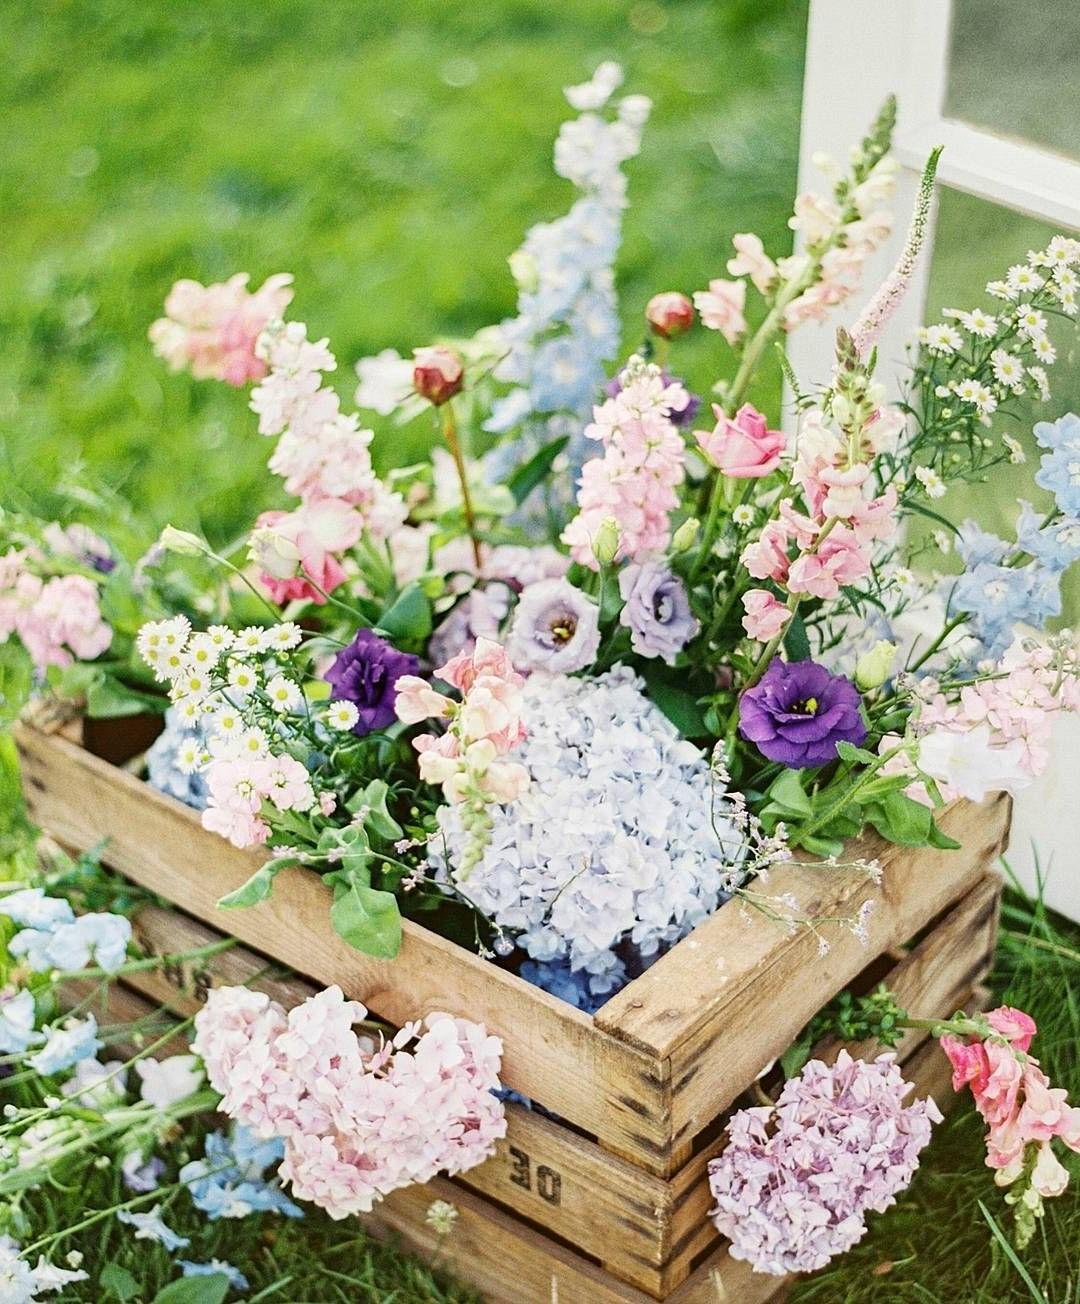 Idées de bricolage pour jardin qui sont économiques et faciles.